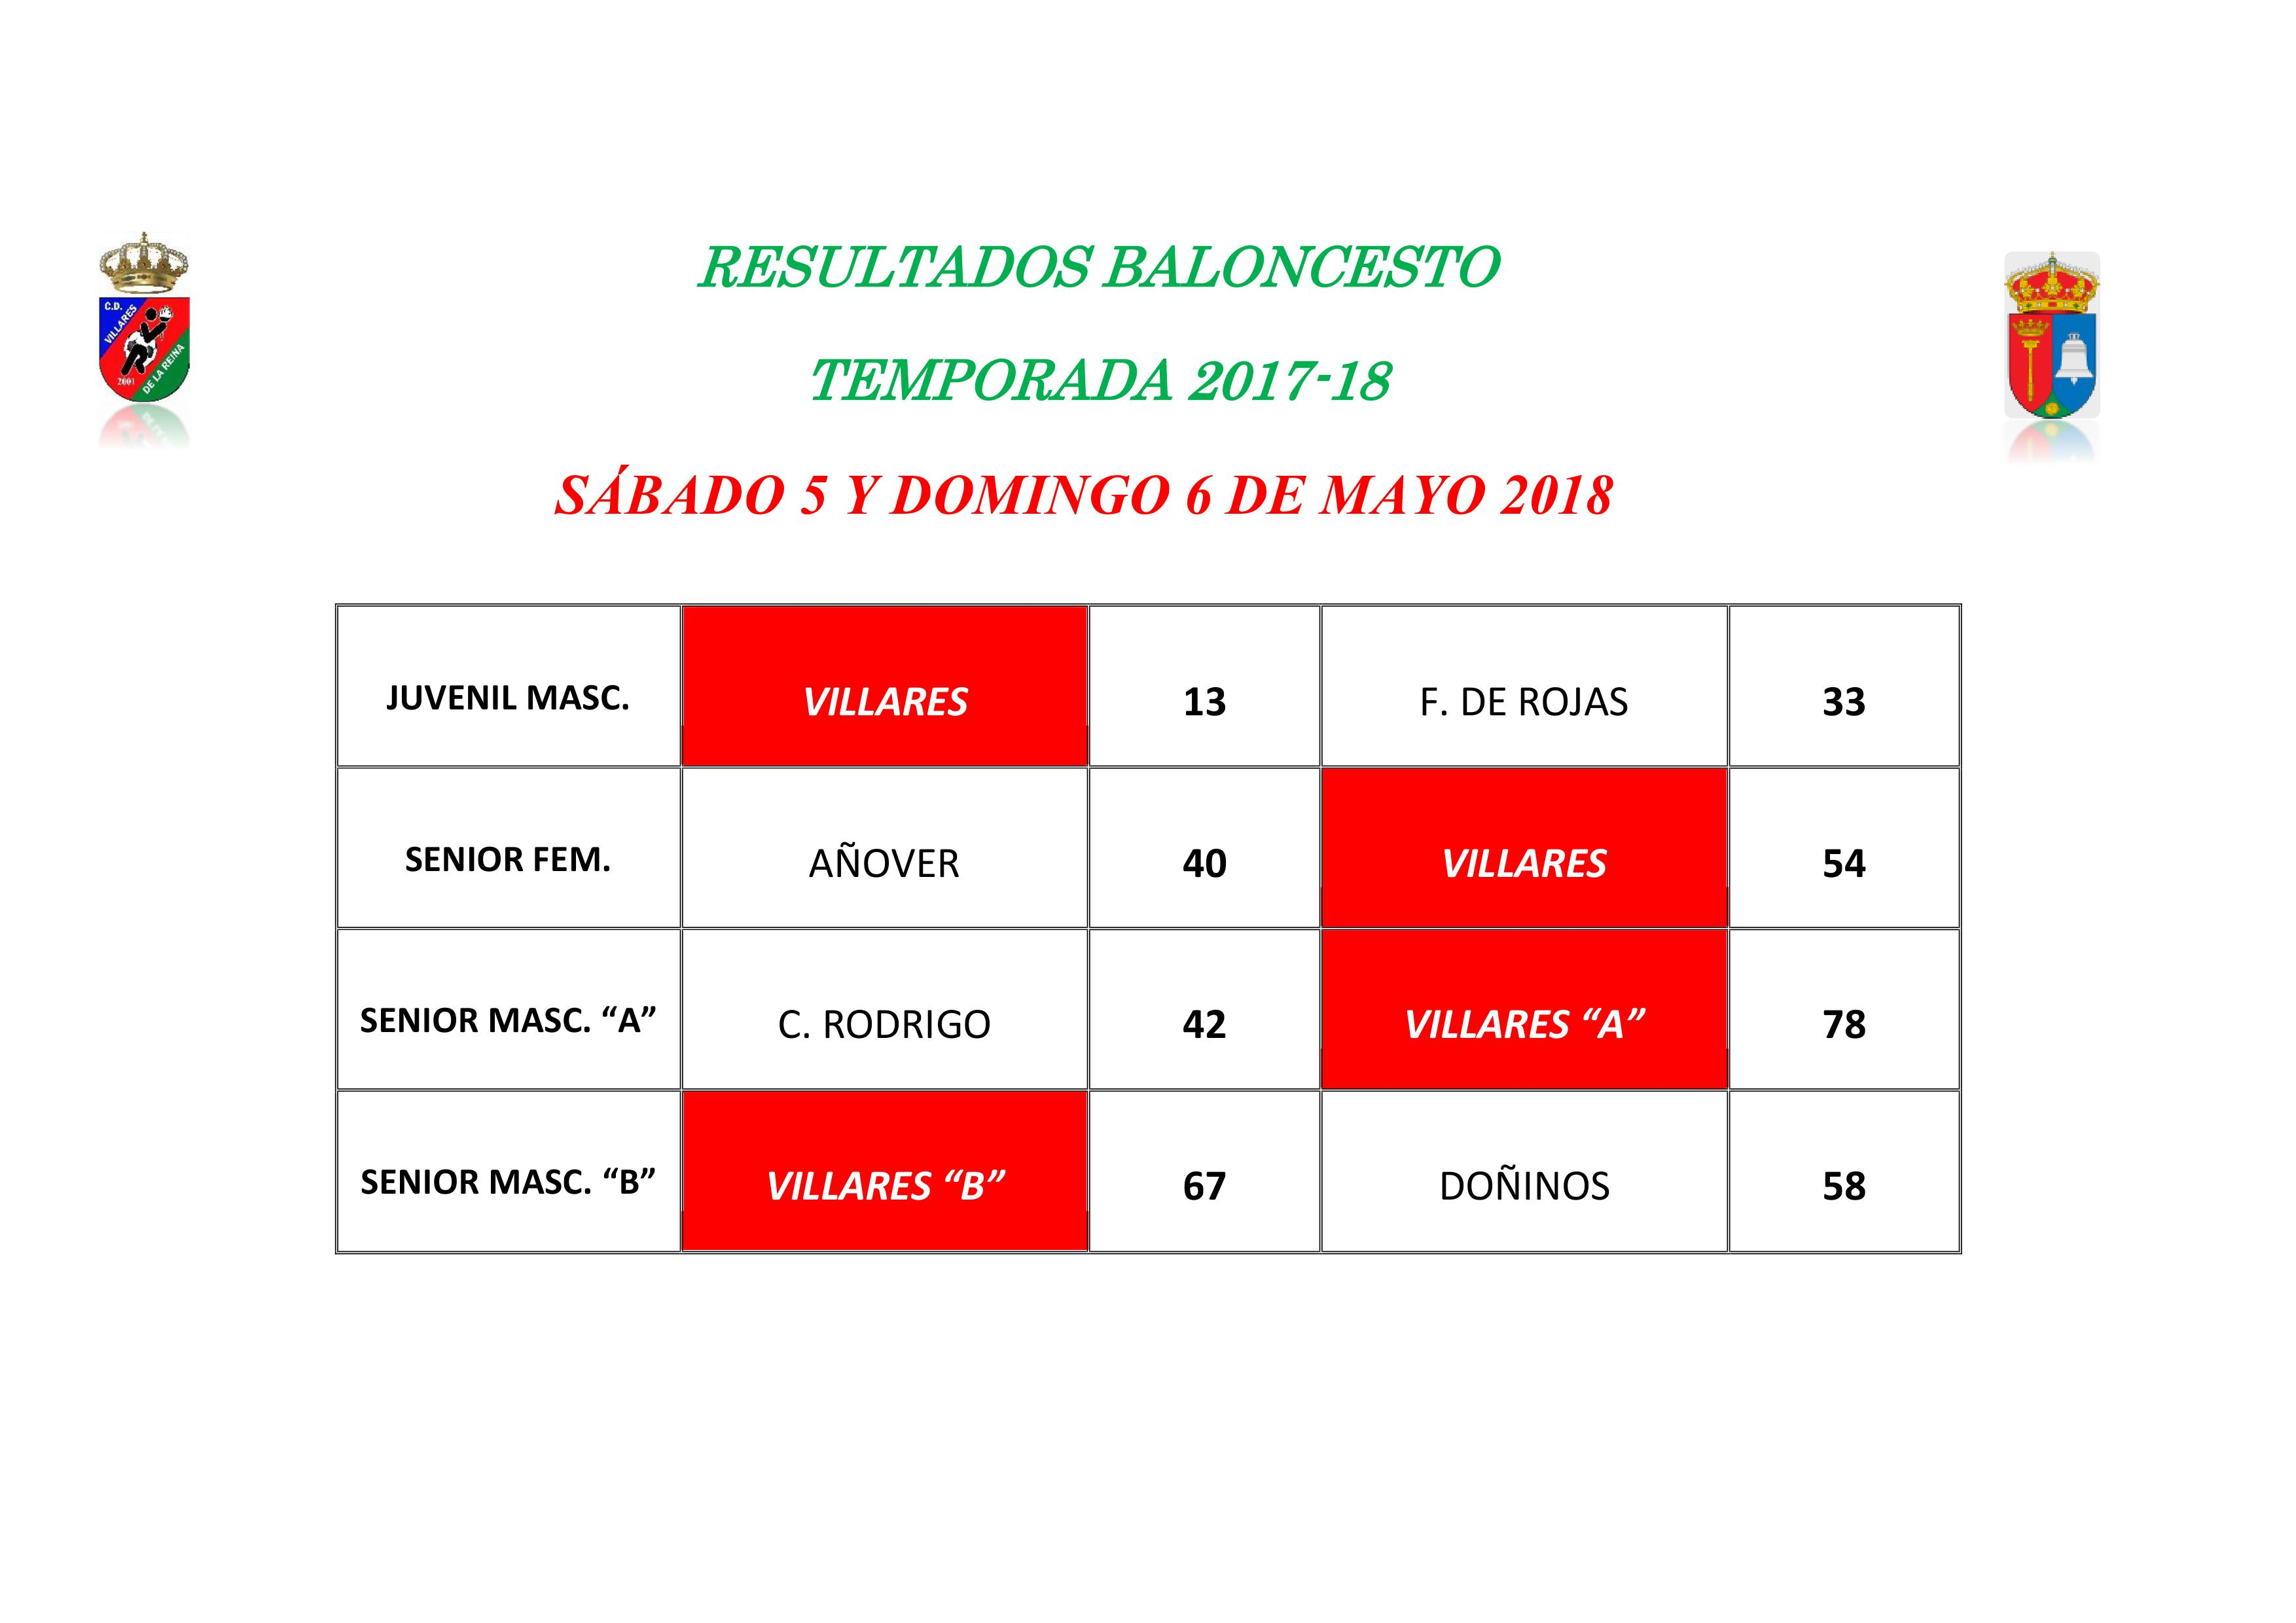 RESULTADOS BALONCESTO 5 Y 6 DE MAYO